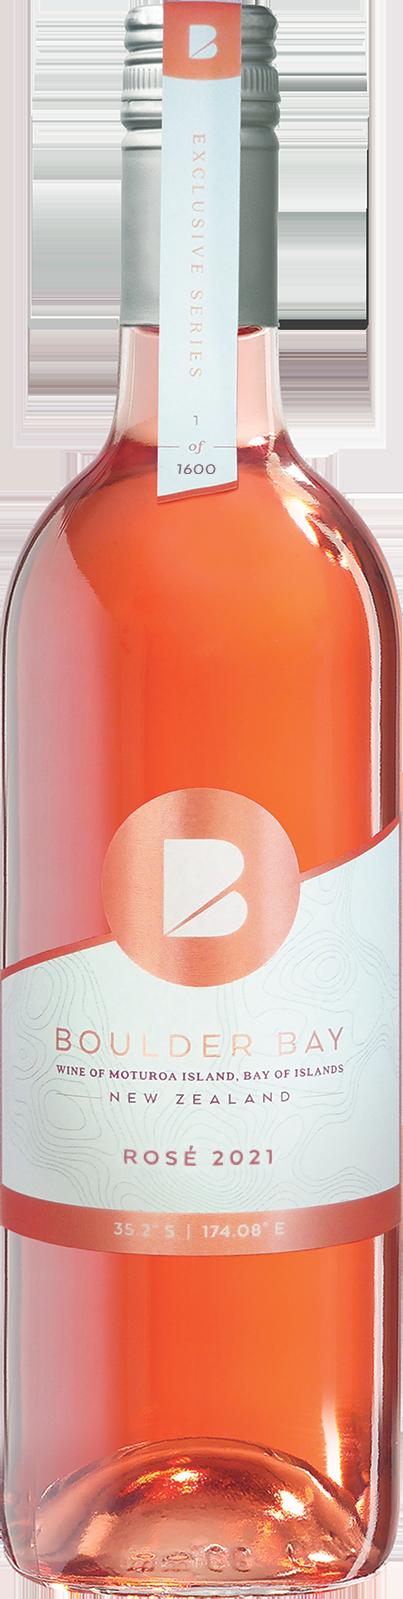 Boulder Bay 2021 Rosé